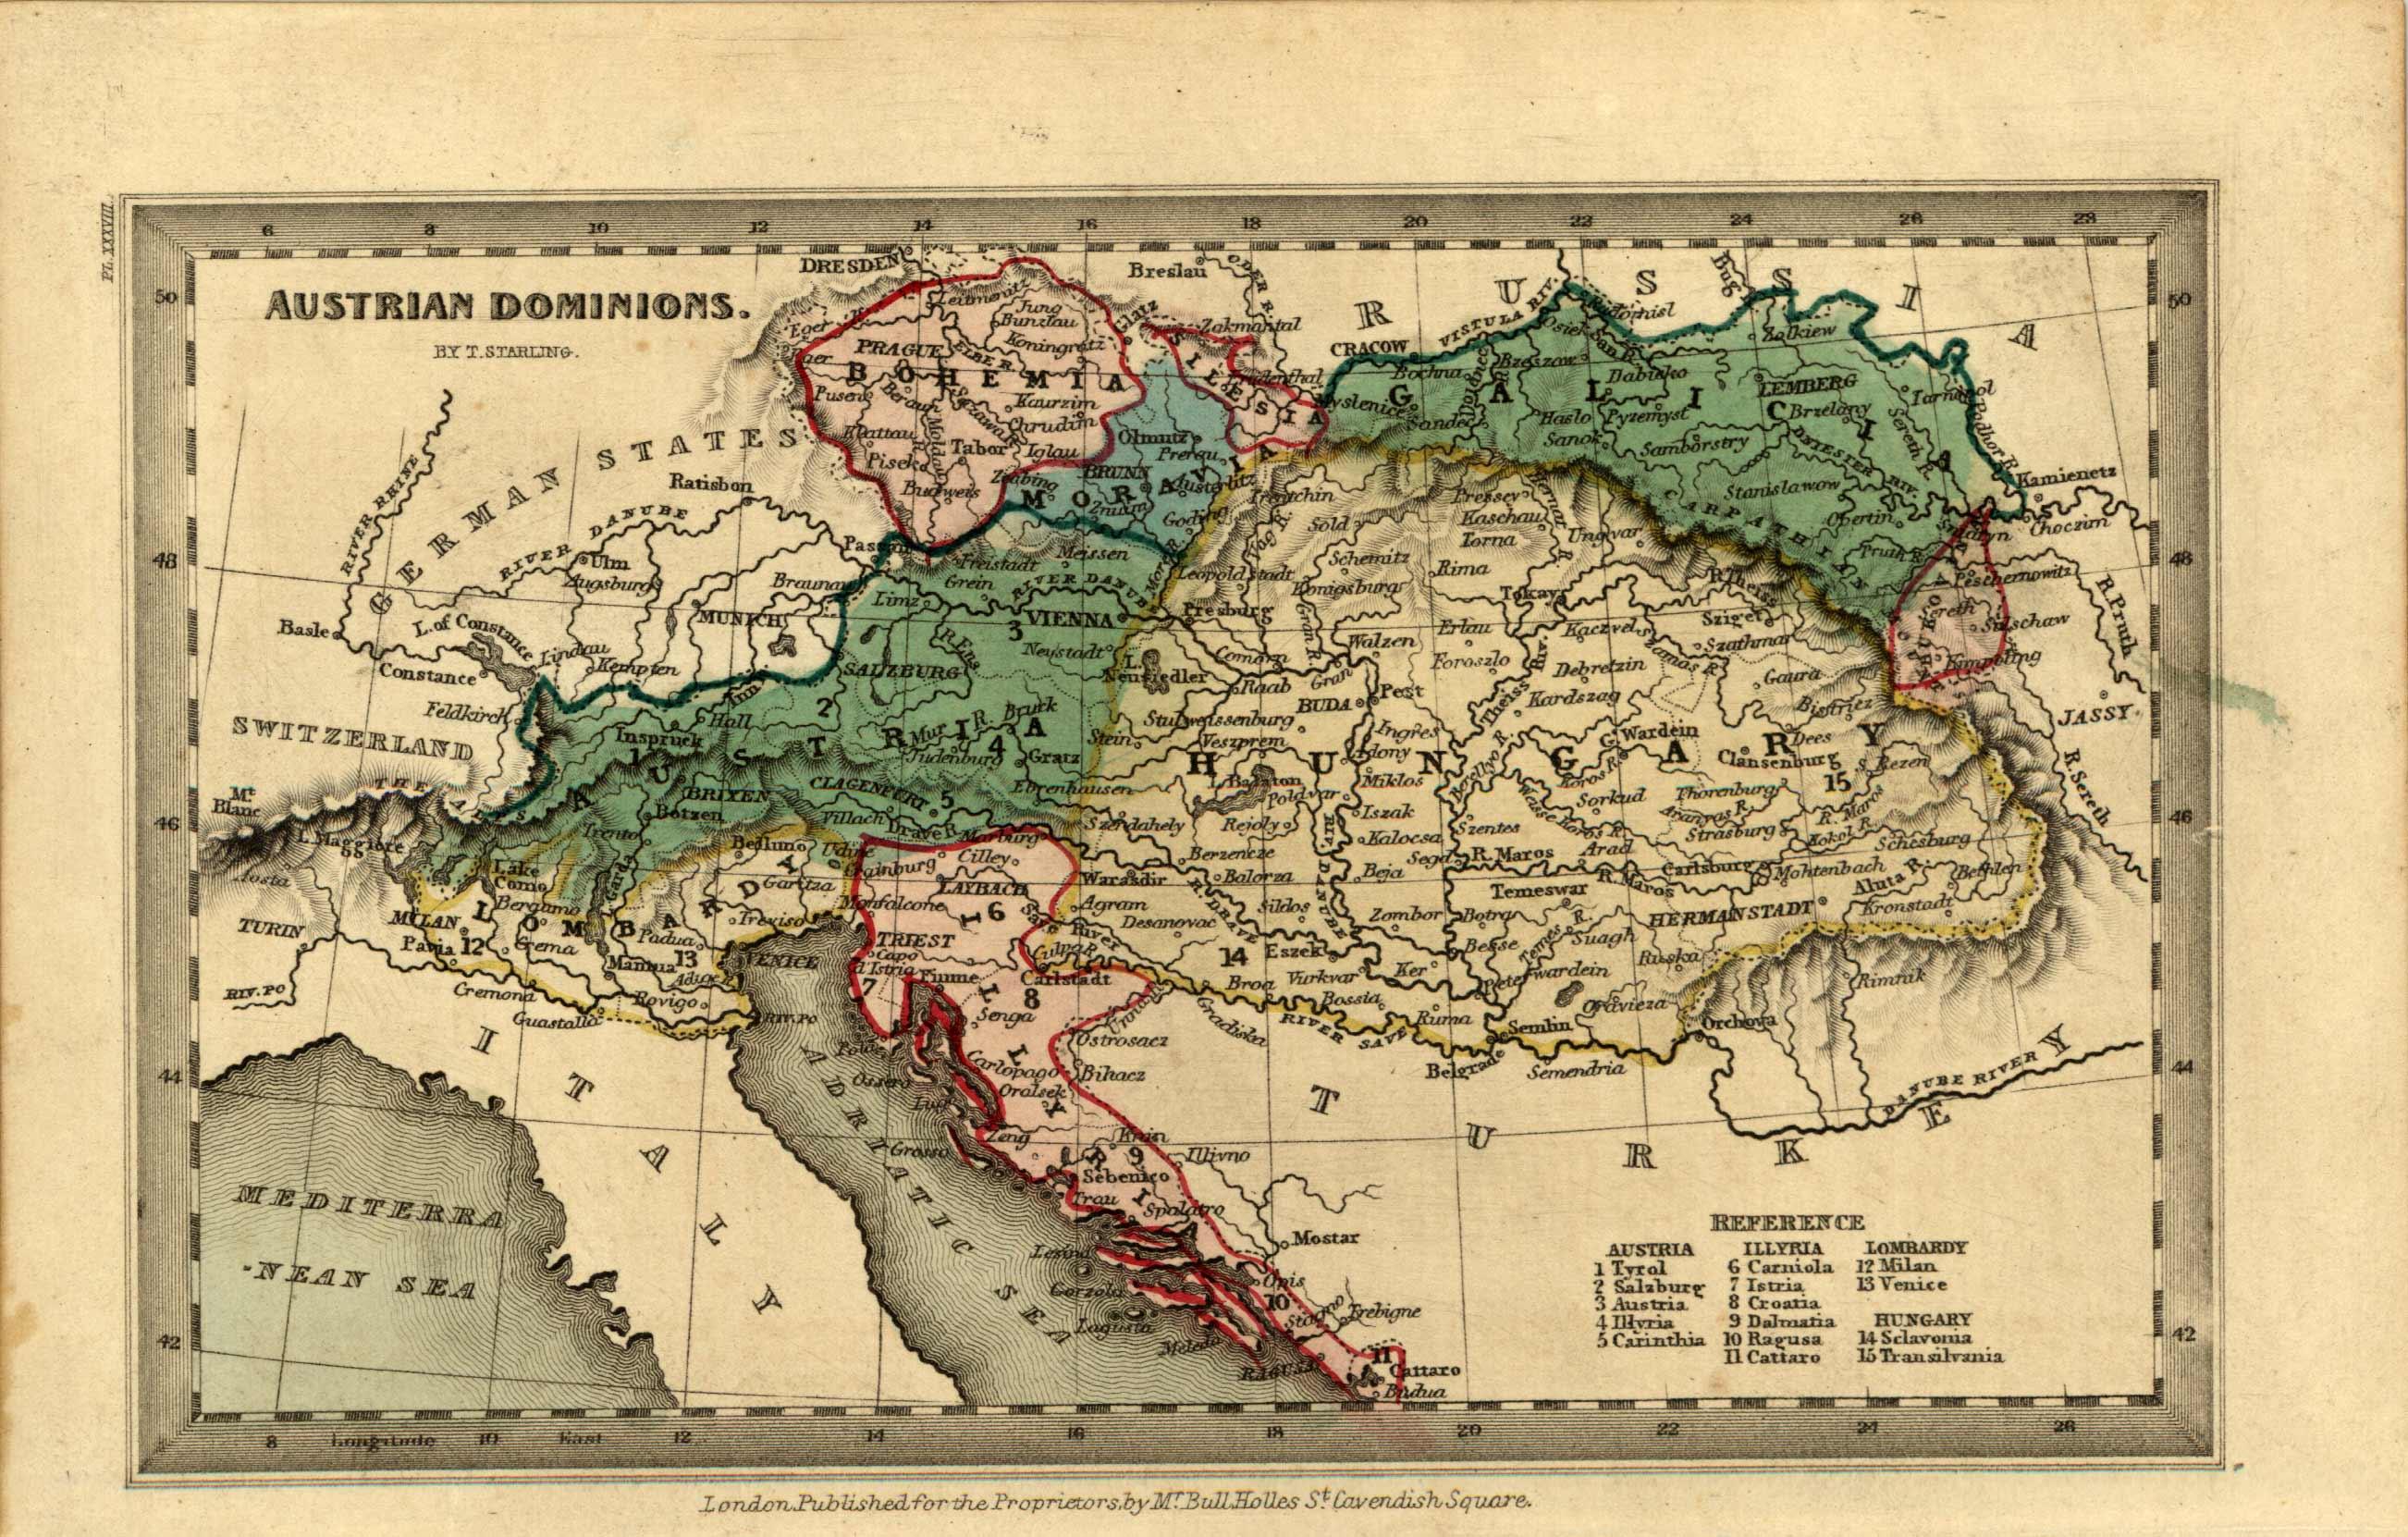 Austrian Dominions